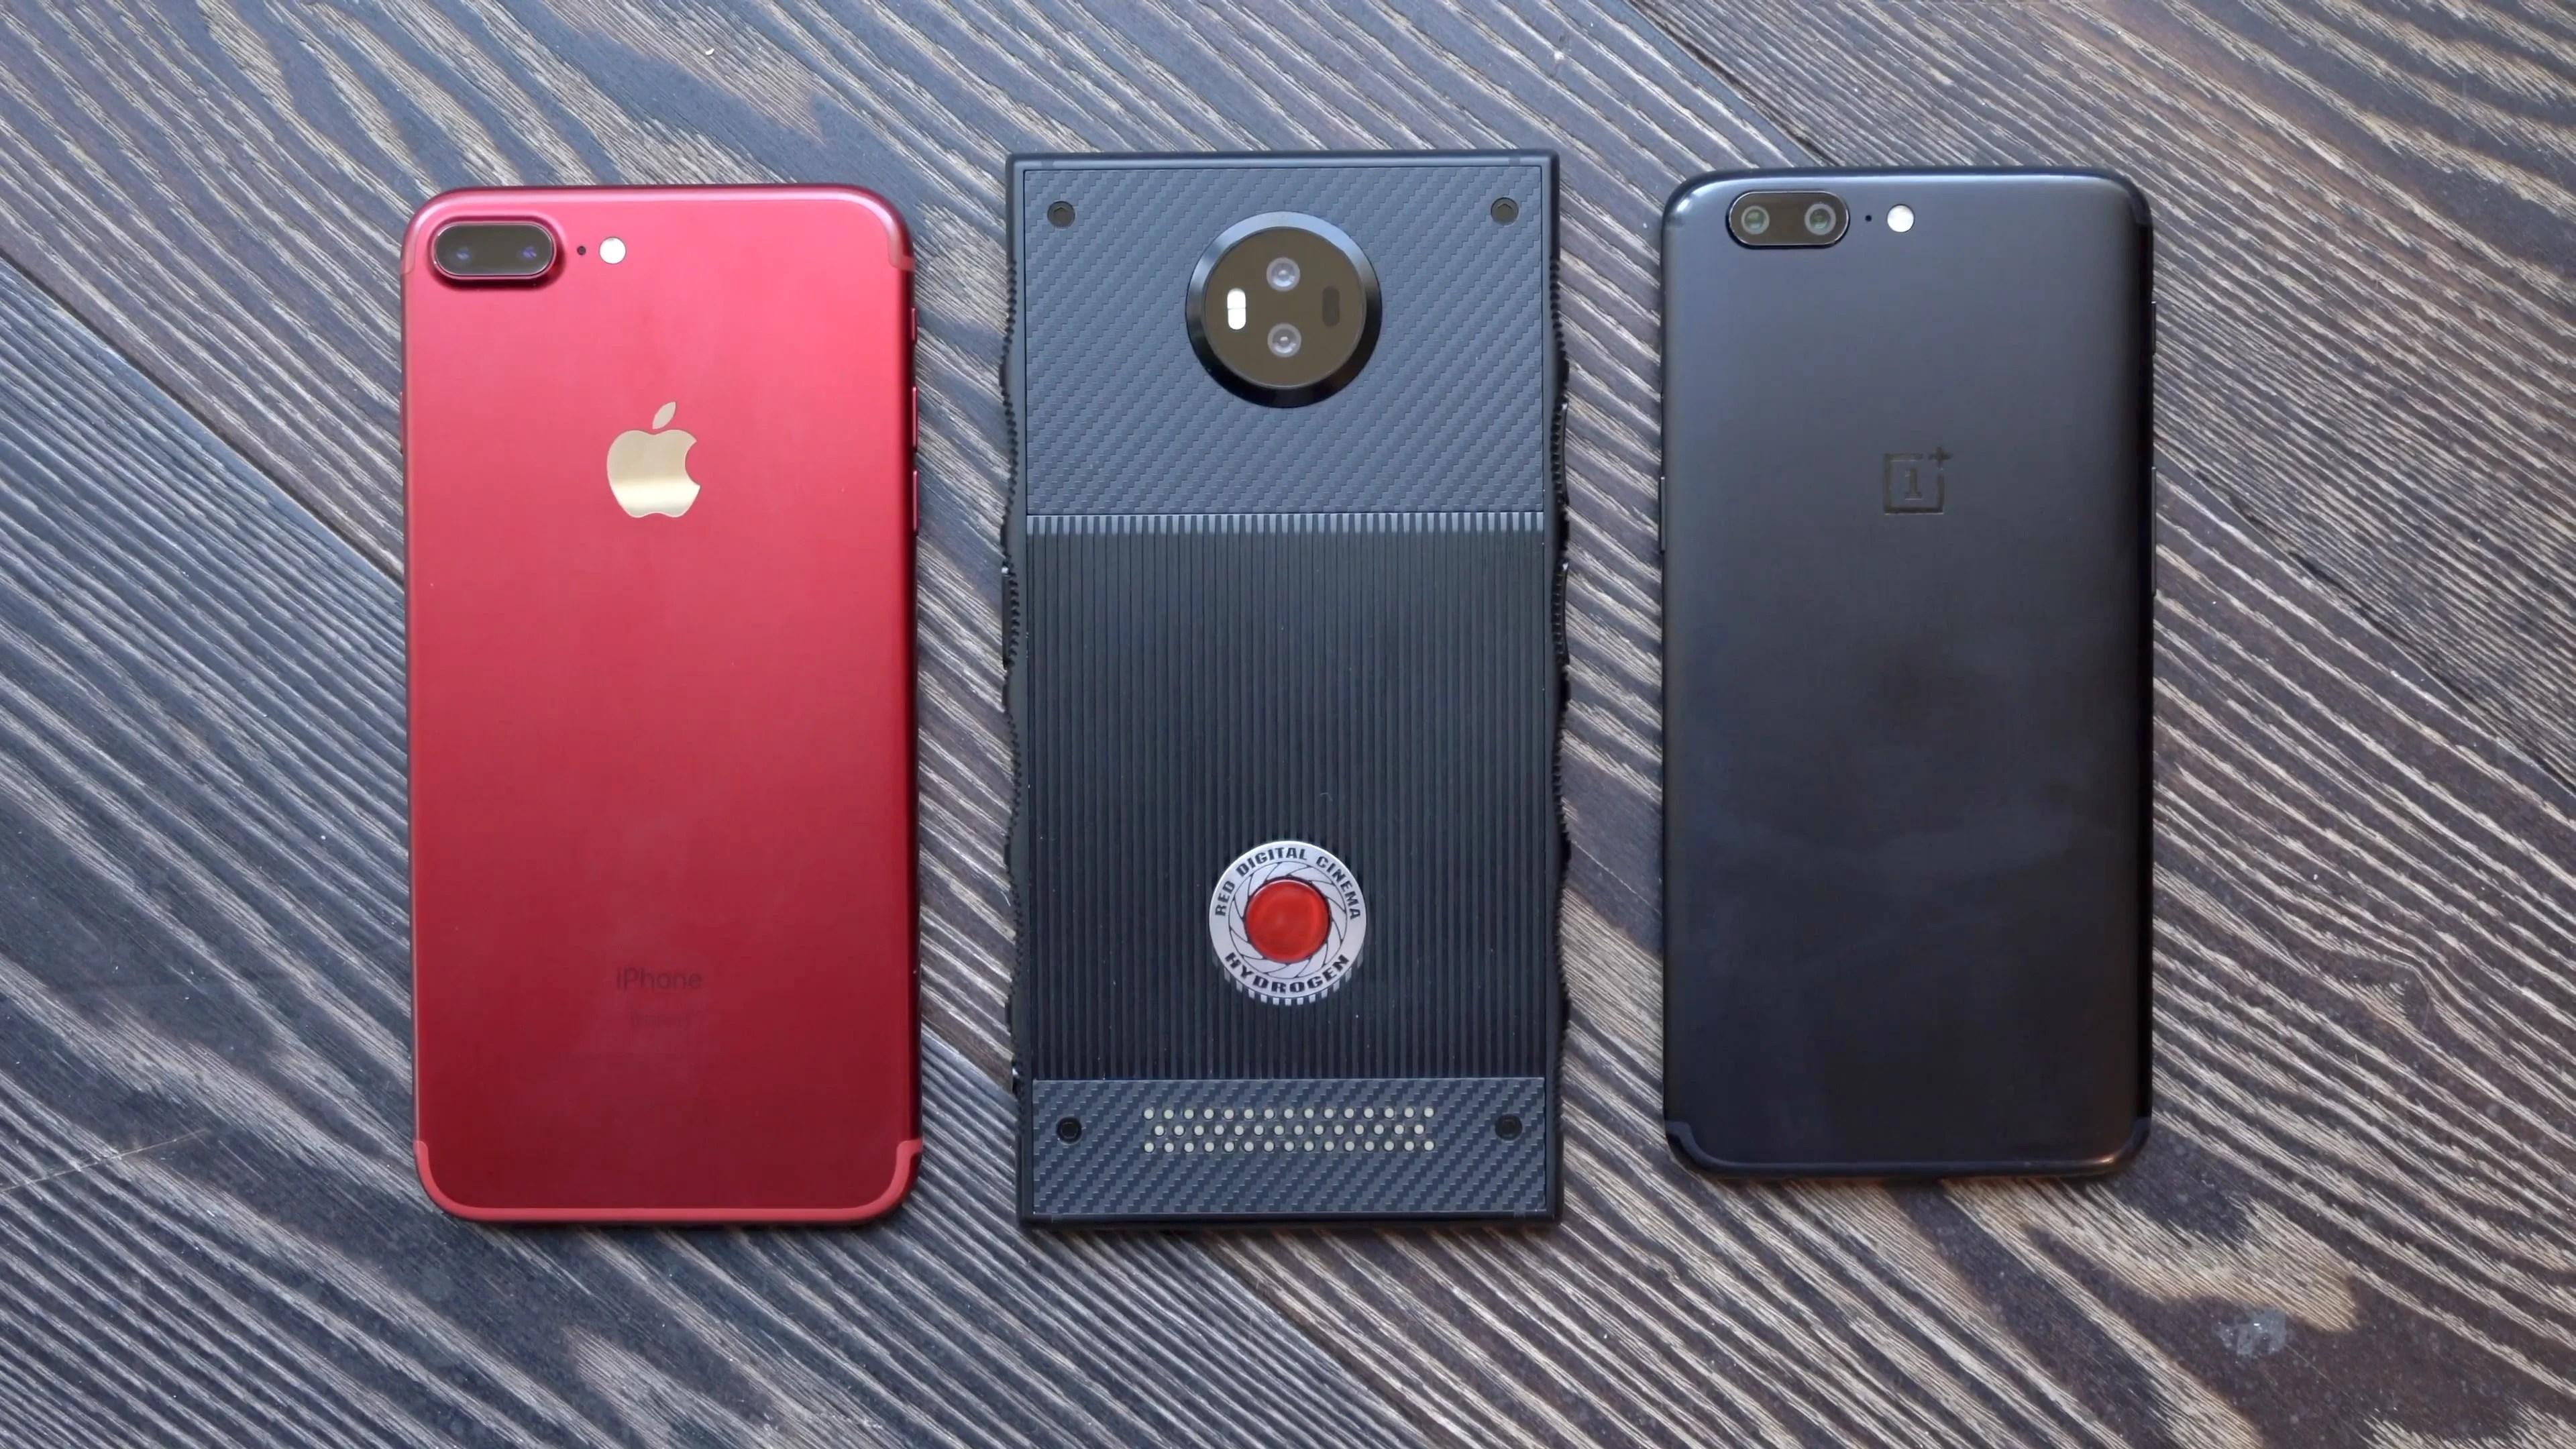 La caméra du Red Hydrogen serait meilleure qu'un appareil photo reflex